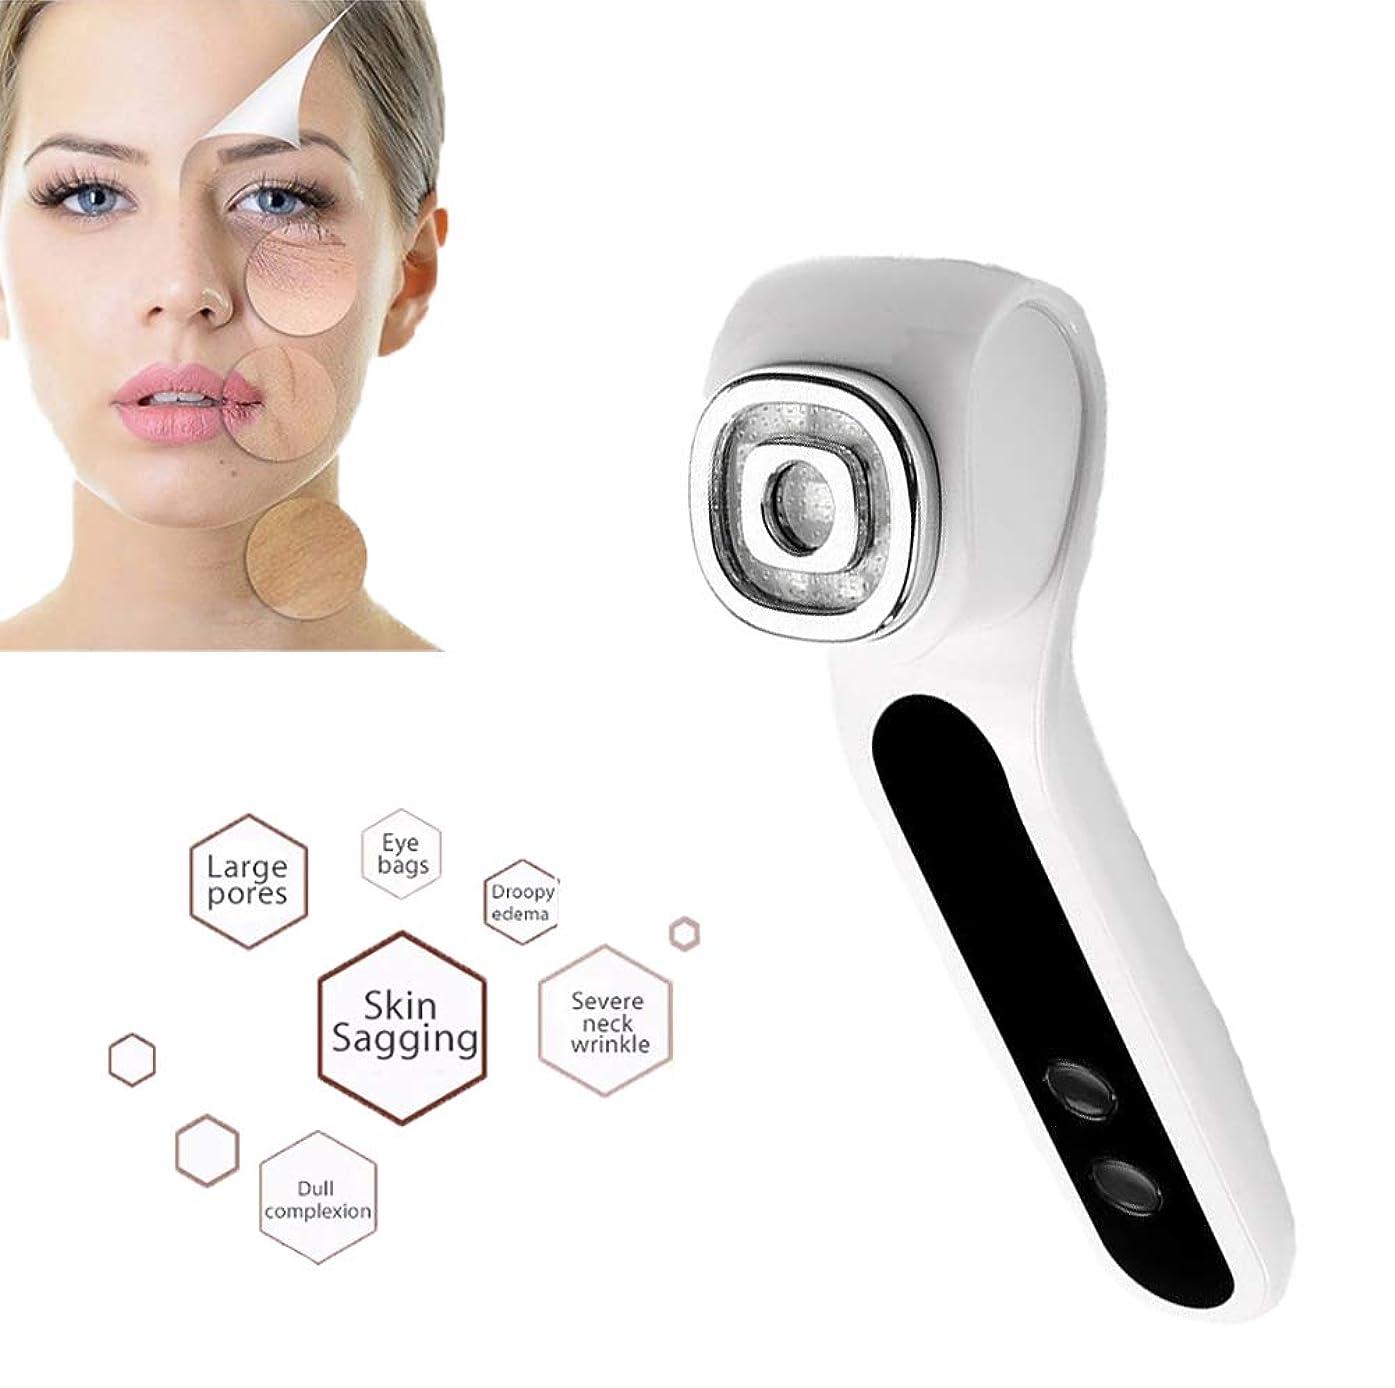 食べる構成員病院美容化粧品LED光子療法RF + EMSリフティングイオンクレンジング振動肌の整形マッサージ用家庭用